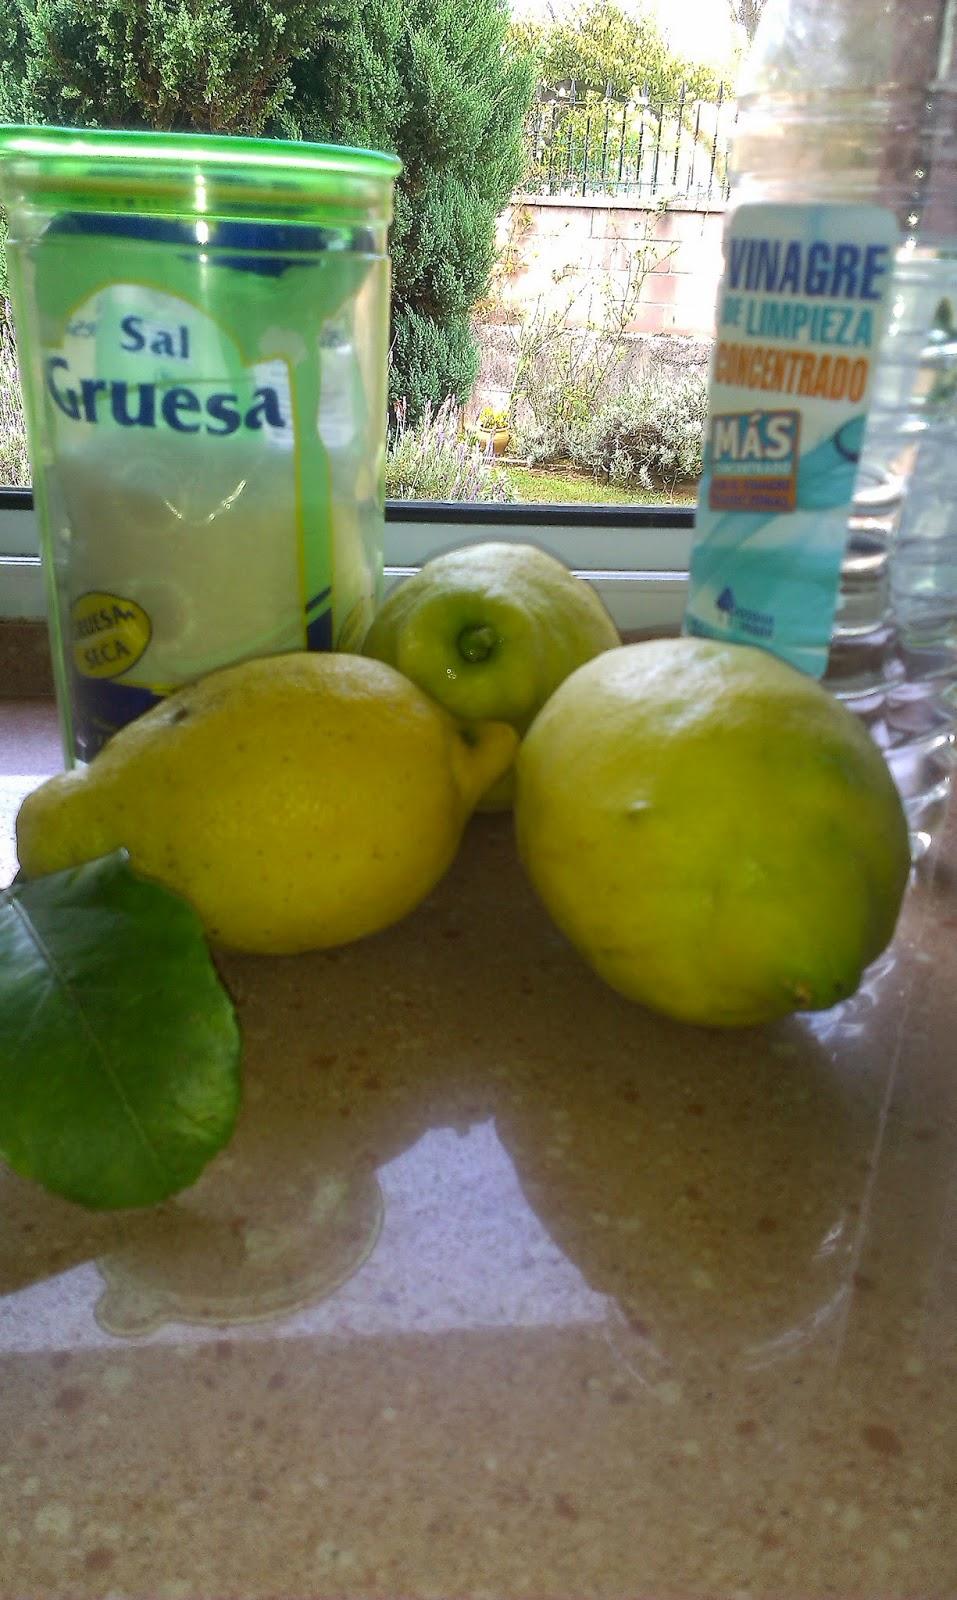 Azu cosm tica natural lavavajillas ecol gico casero y for El vinagre desinfecta